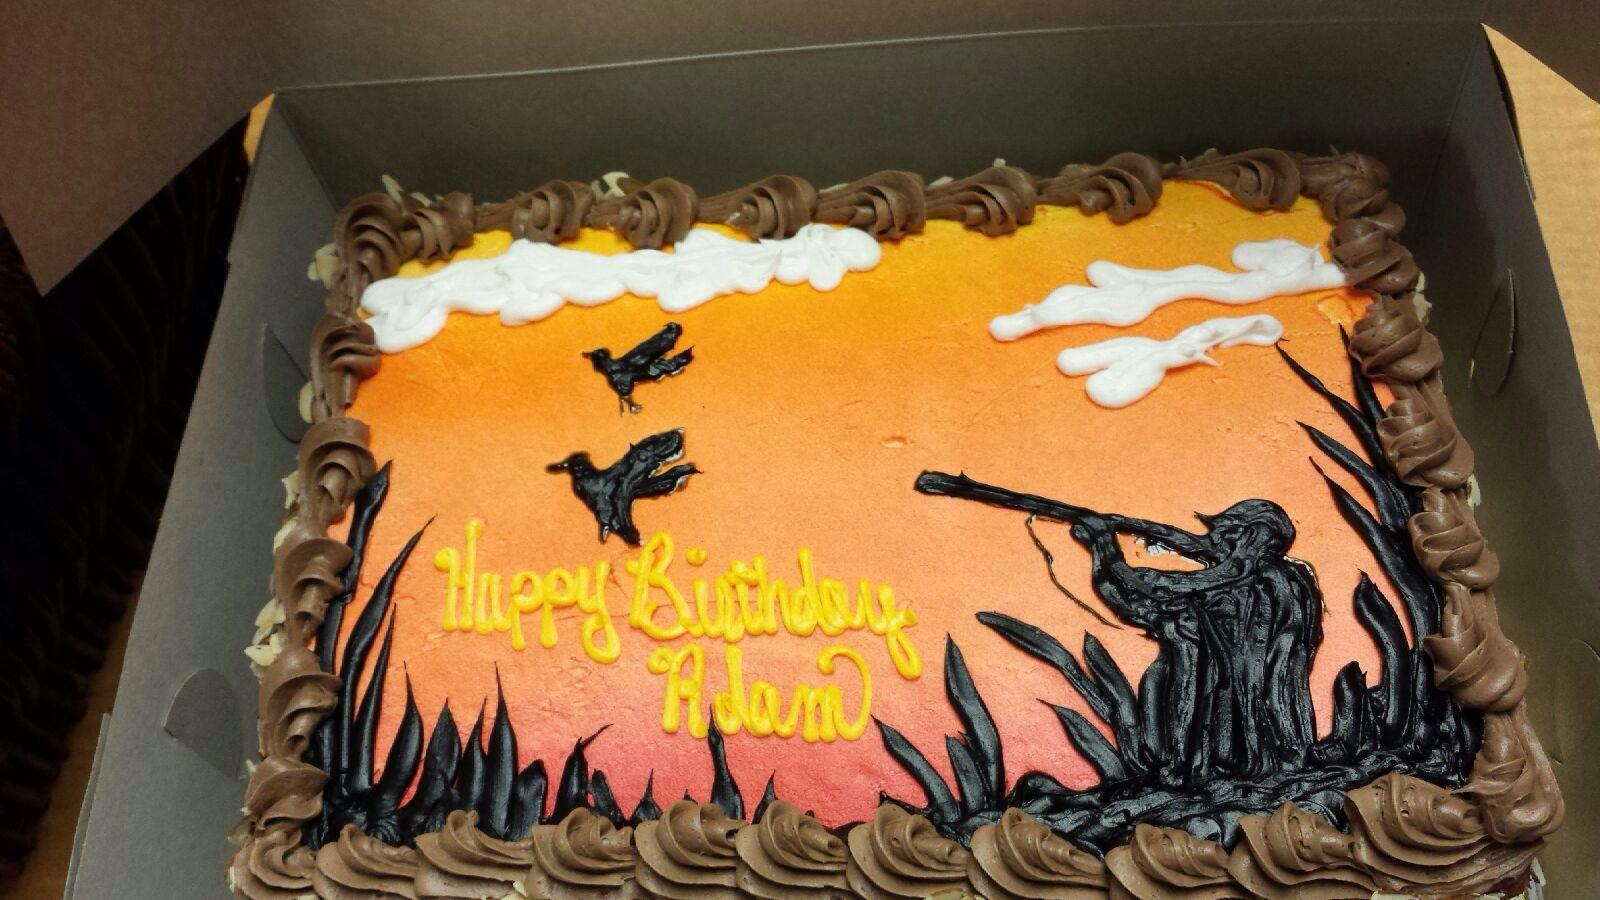 лечебные свойства торт для охотника украшенный мастикой фото внимание, опять получилась